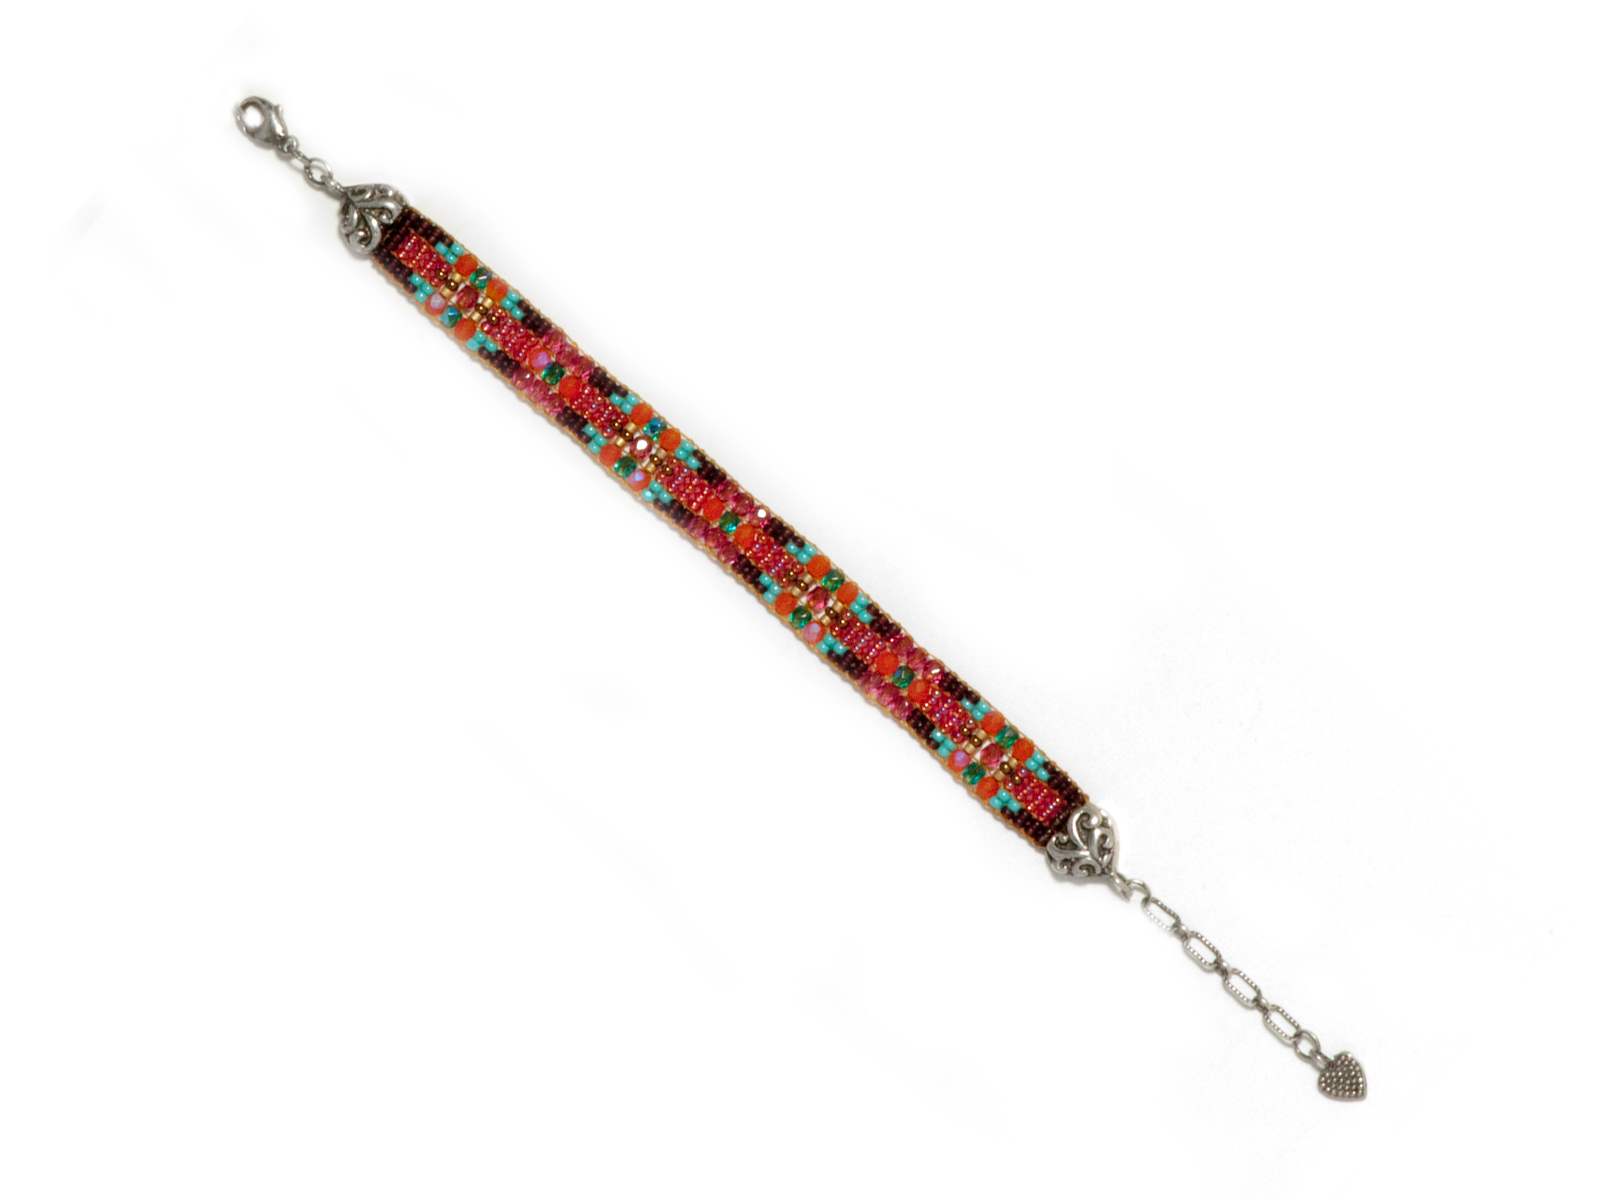 Rose Turquoise Beaded Bracelet handmade by Chili Rose Beadz.